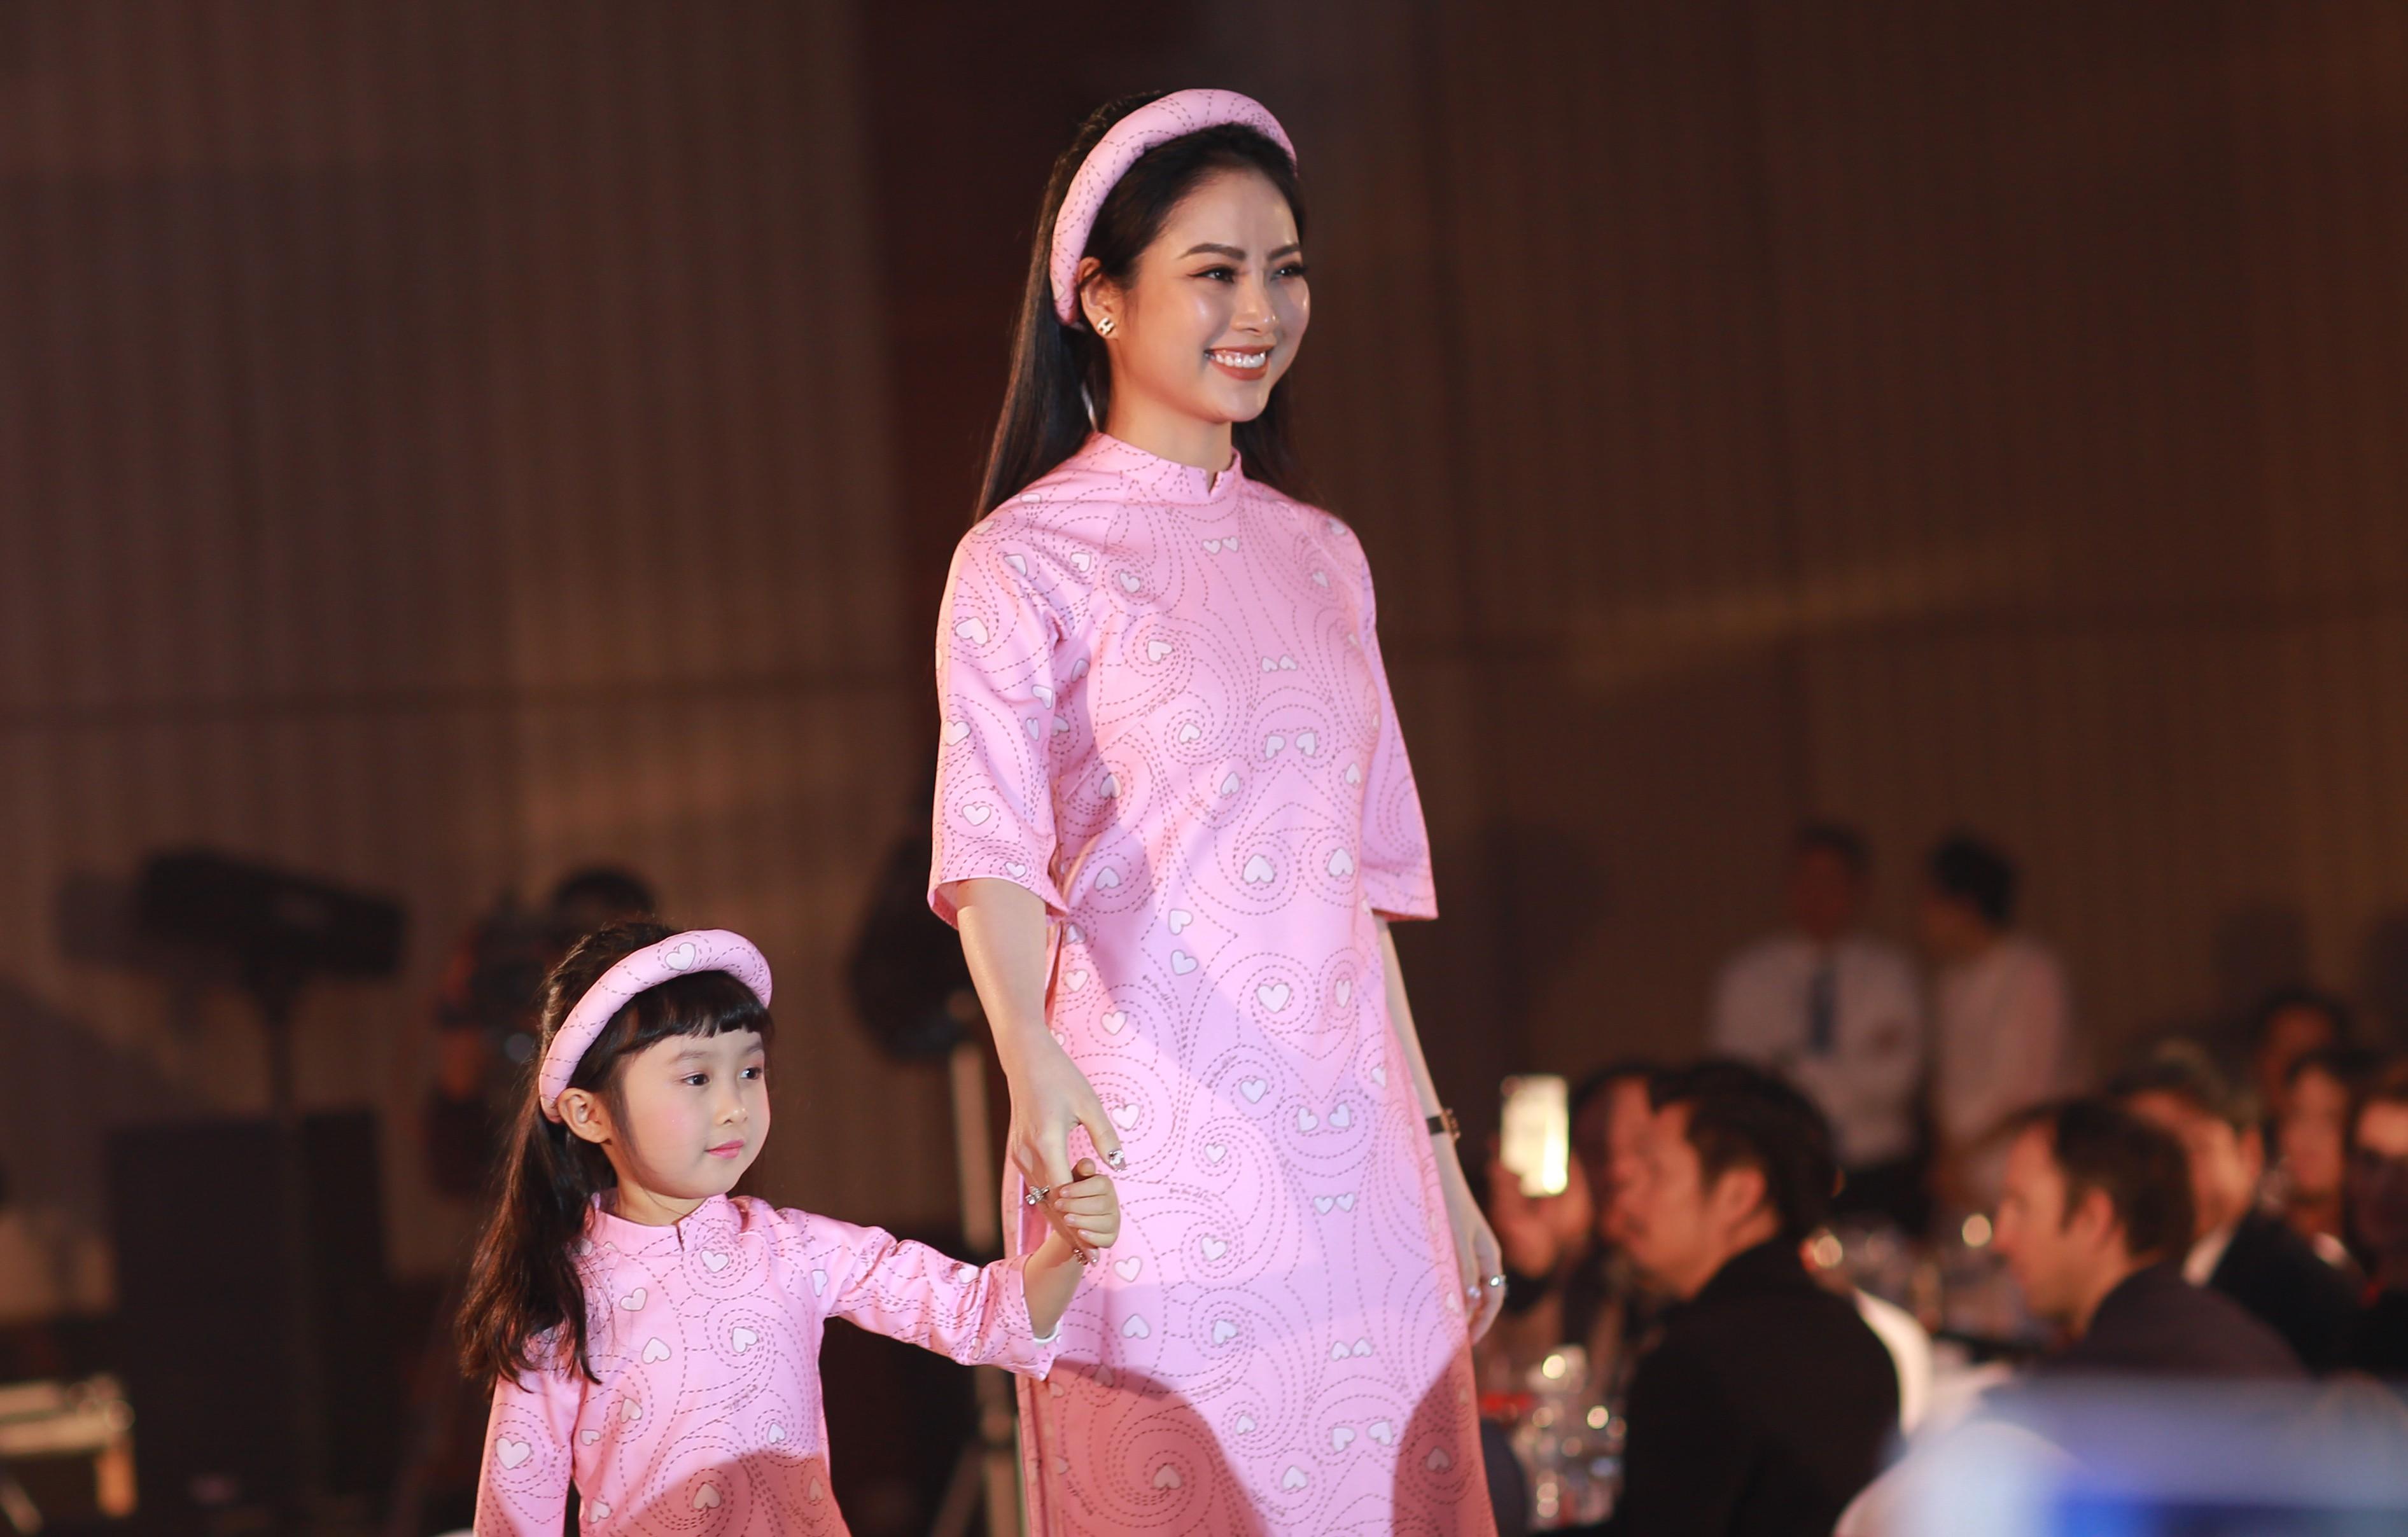 Diễn viên Lan Hương thể hiện tà áo dài màu hồng nhẹ nhàng in họa tiết trái tim.